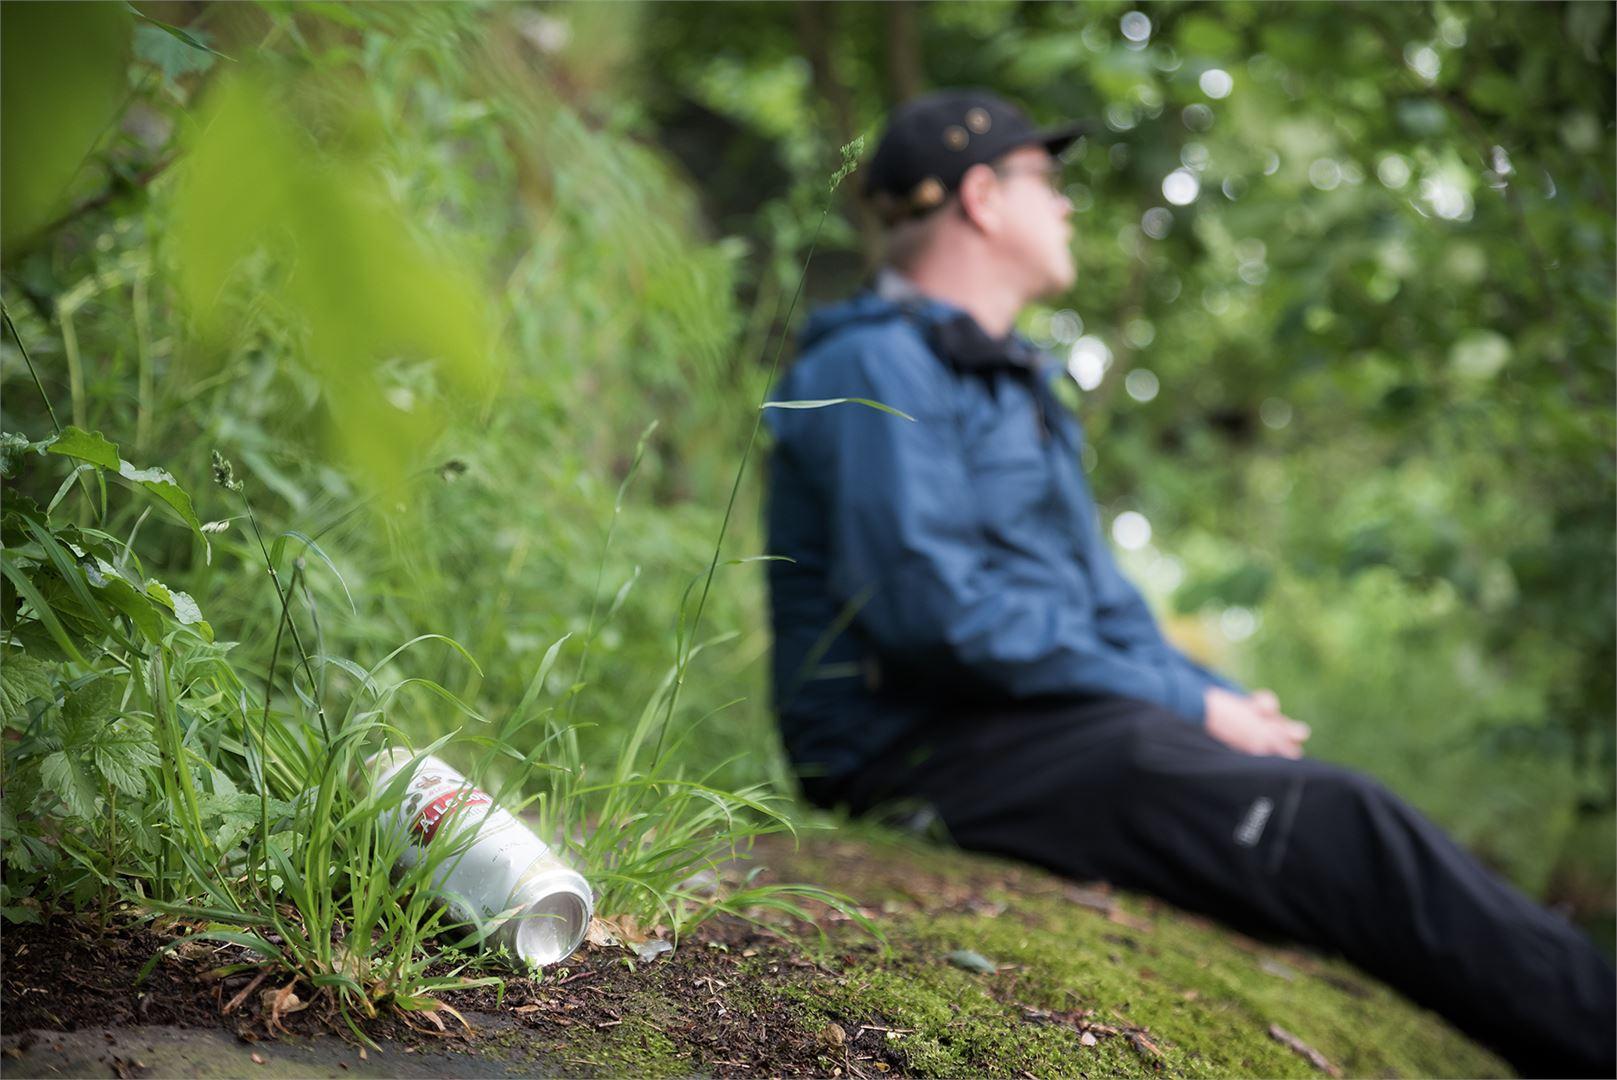 Kun alkoholi teki Teemusta väkivaltaisen, oli aika miettiä juomista uudestaan.